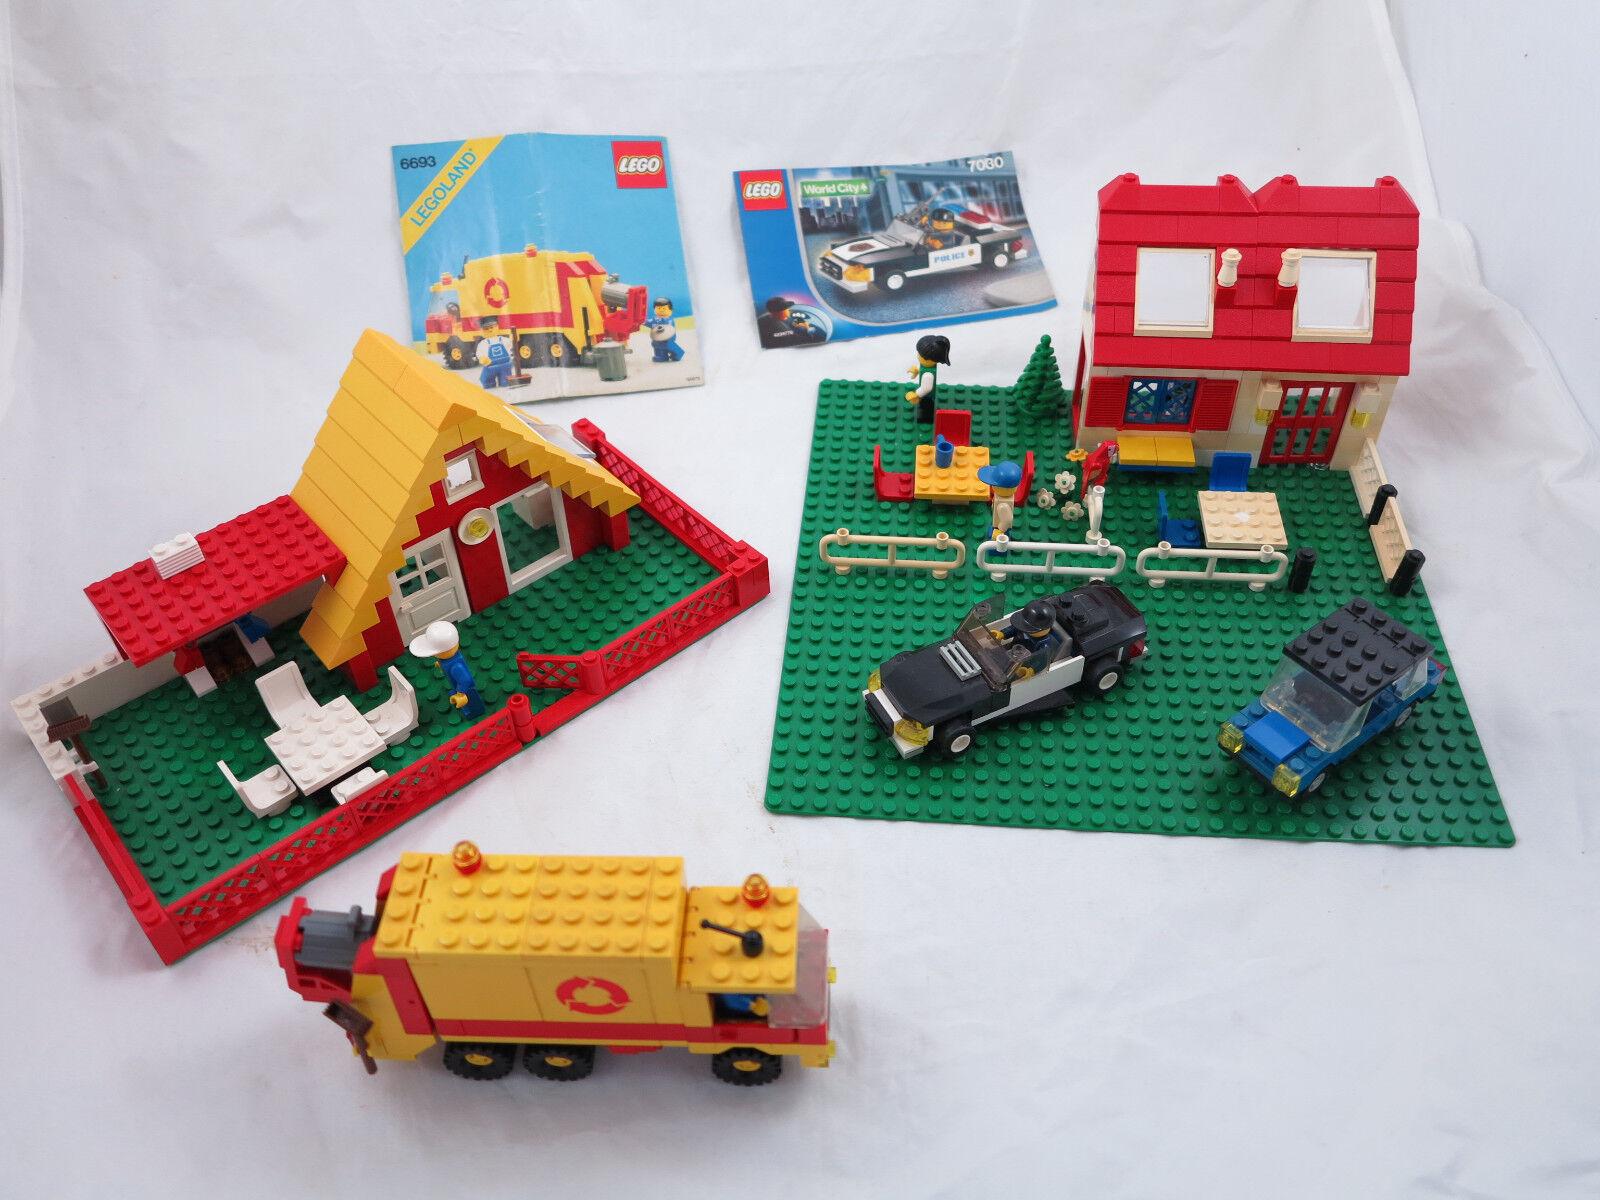 LEGO LEGOLAND 6693/7030